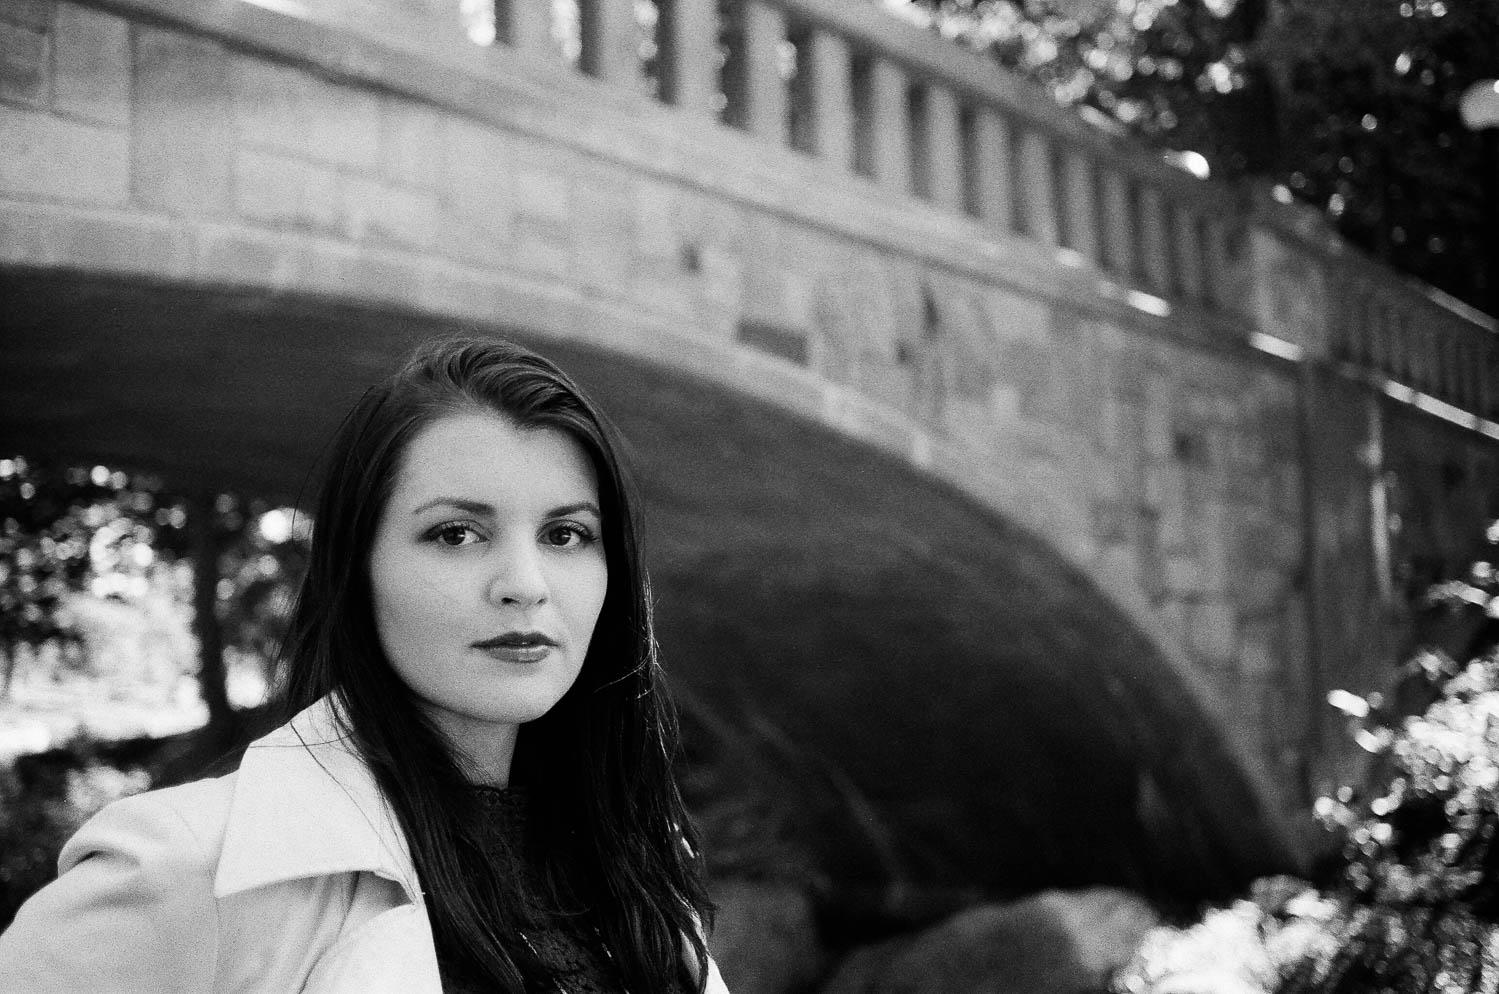 A girl below the Deering Oaks bridge